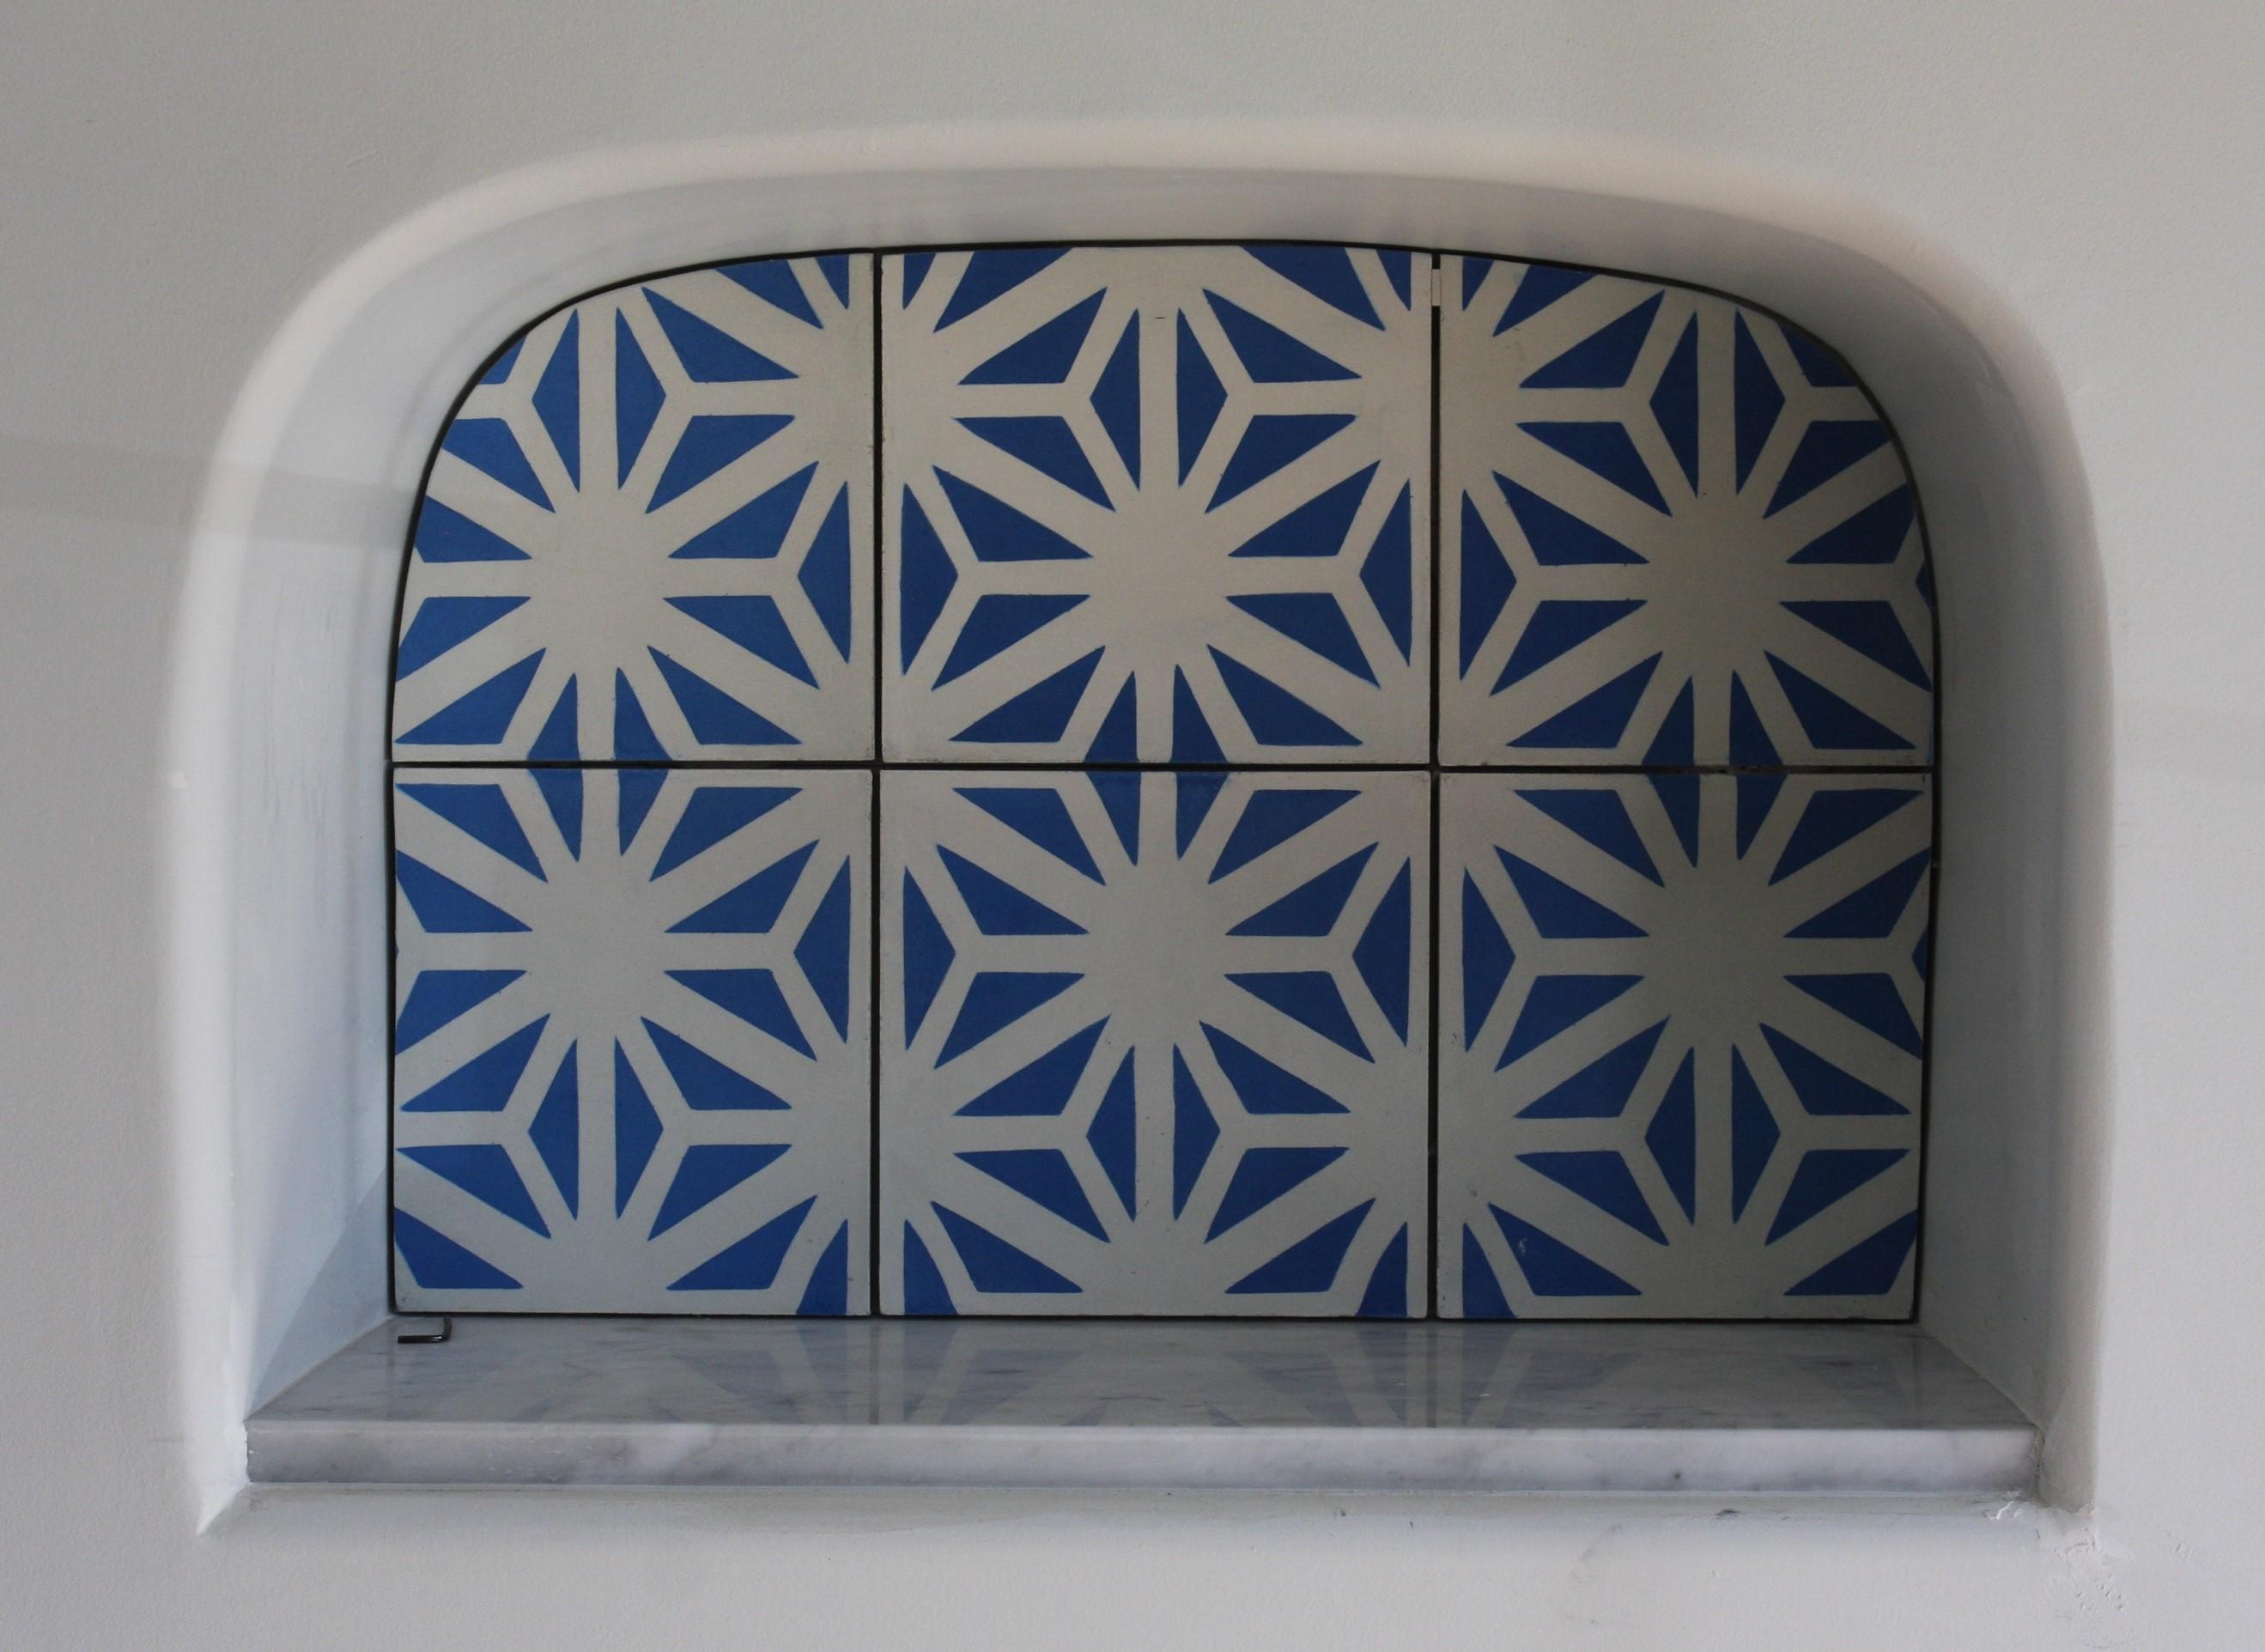 Droplet tile pattern